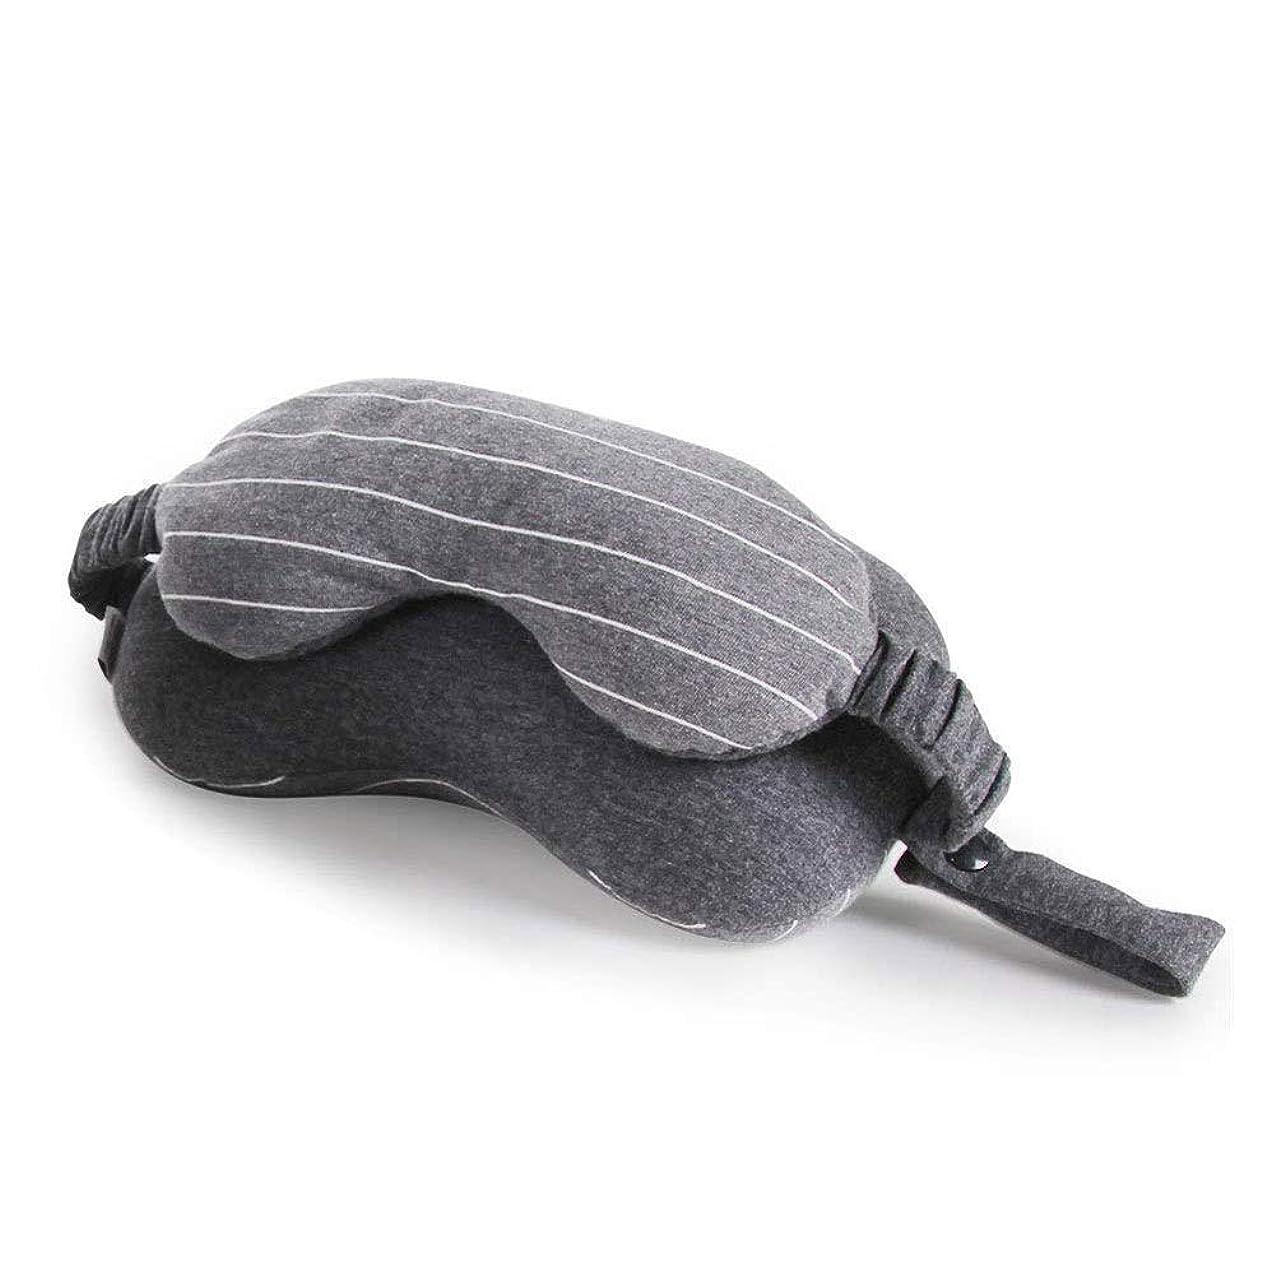 手綱包帯ライバルヨガ瞑想U字型枕、トラベルネックピローネッククッション、多機能アイマスクツーインワンネックピロー (色 : DarkGray)